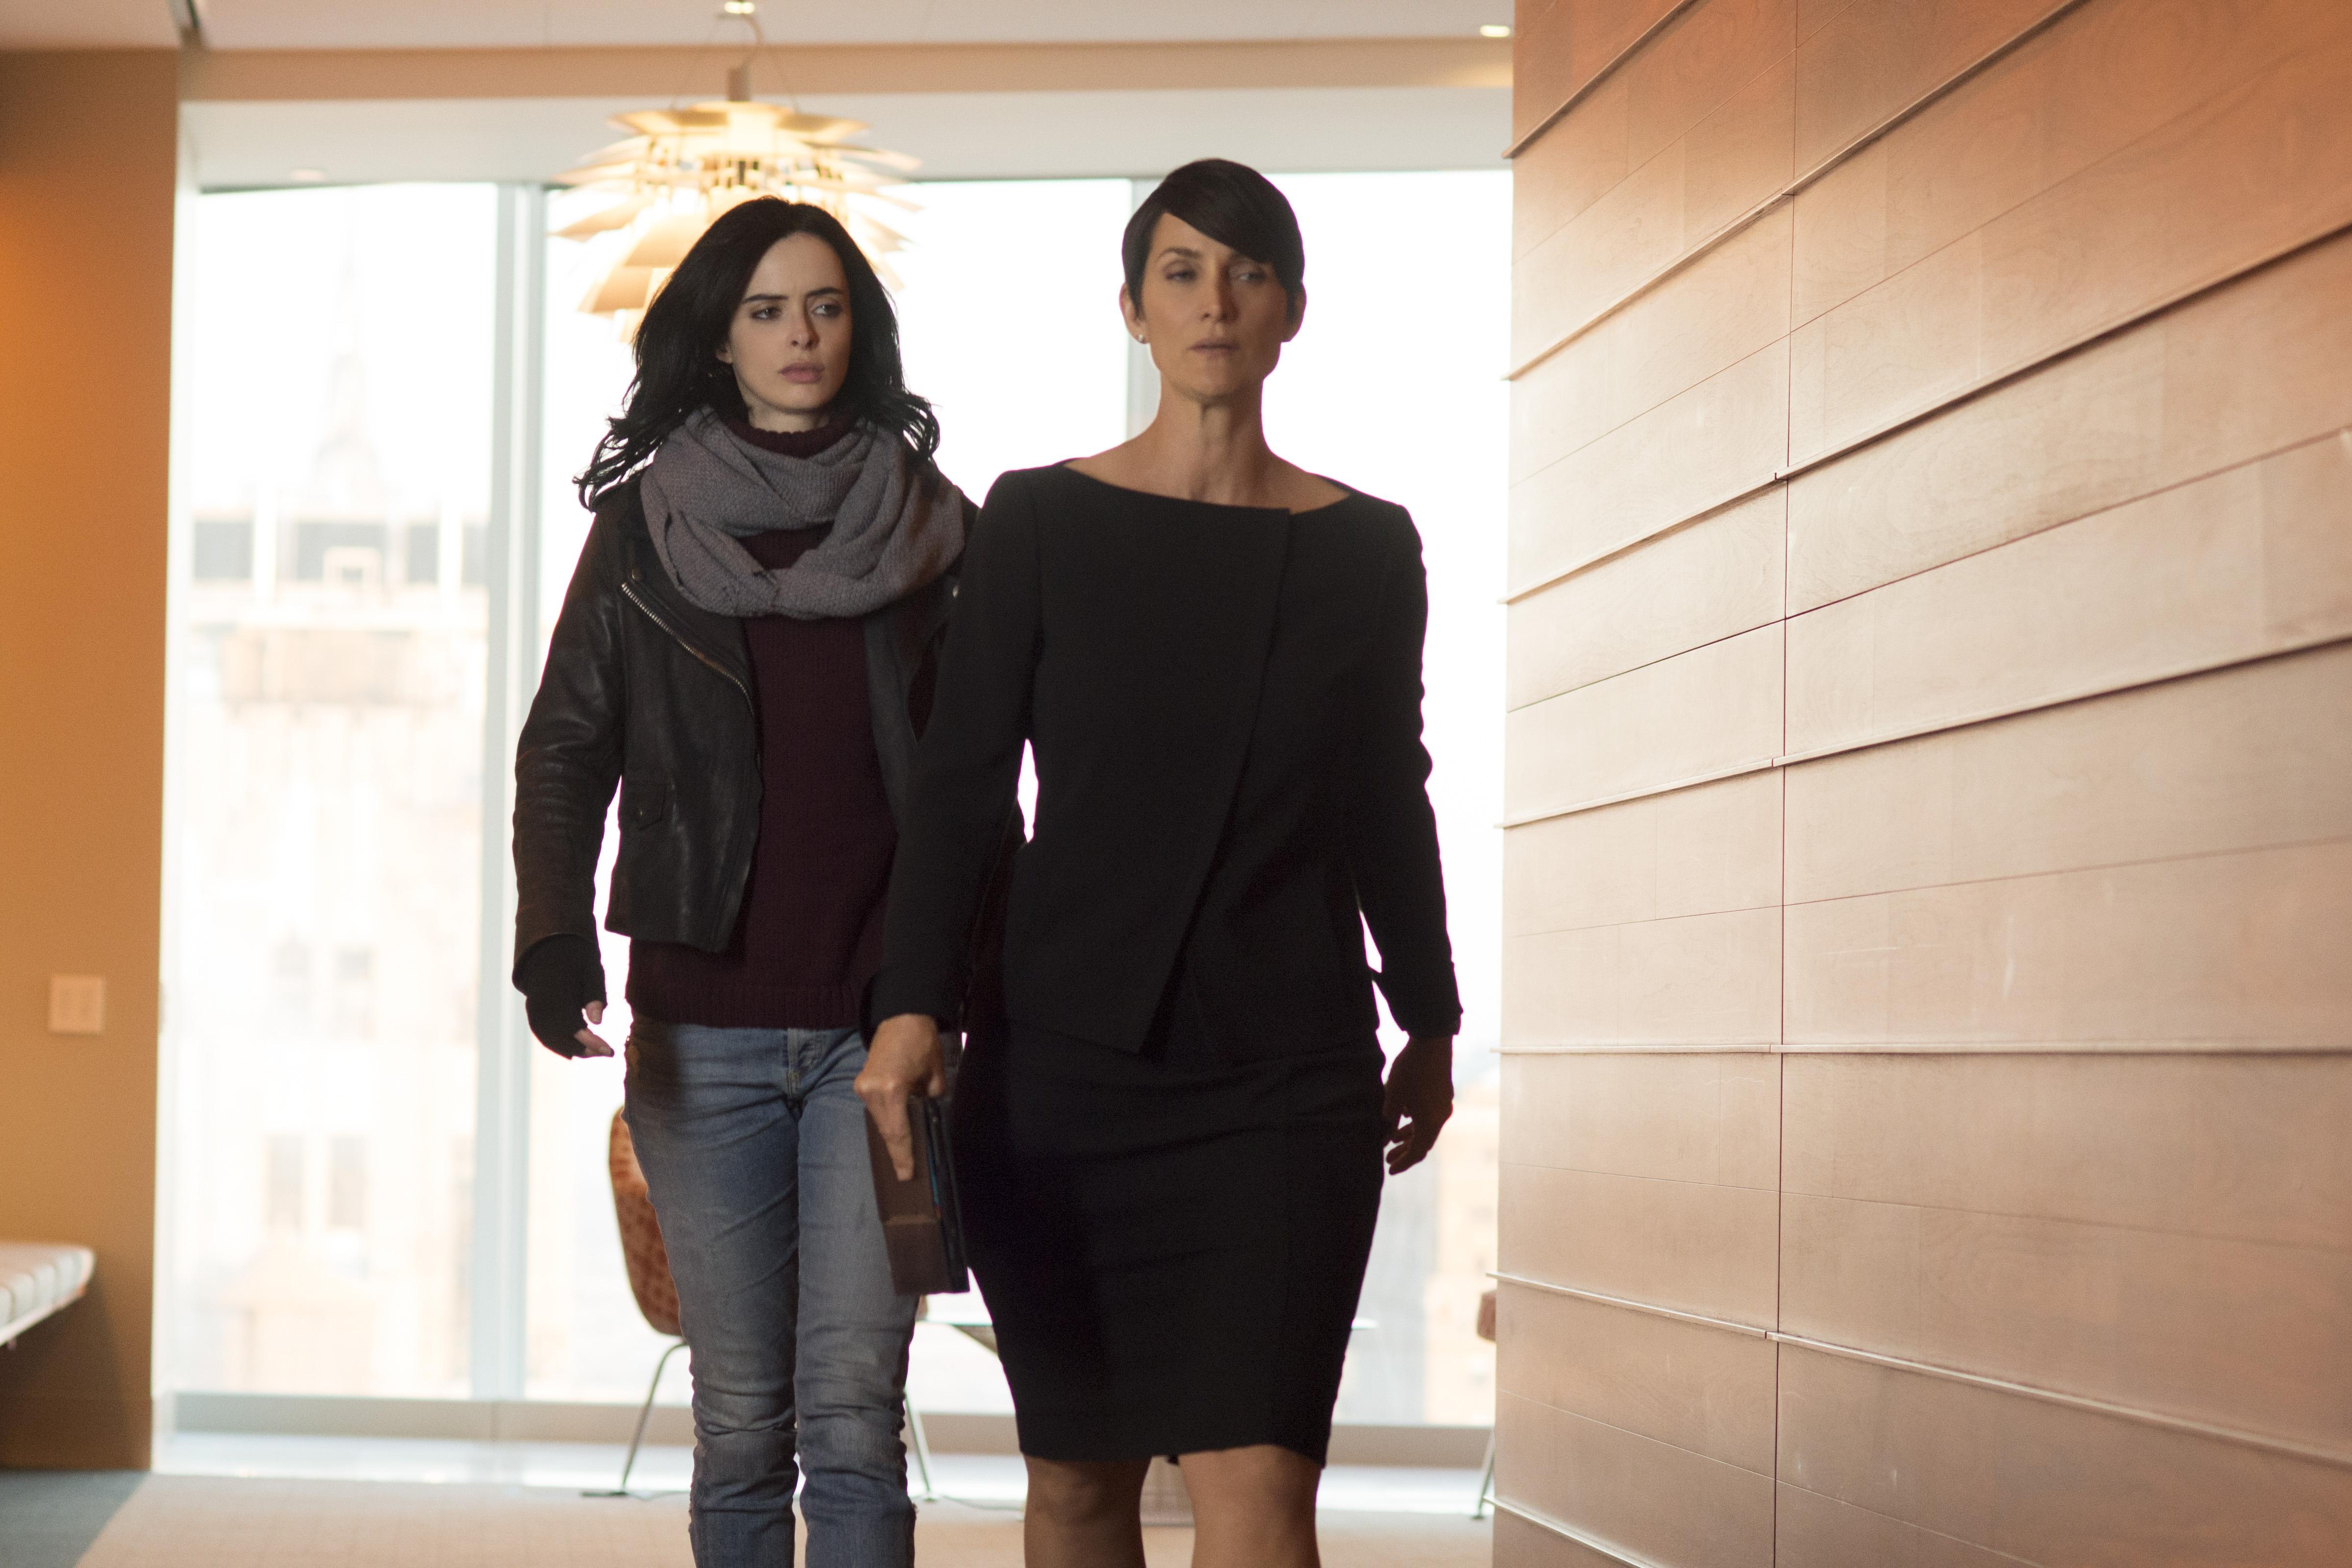 Carrie-Anne Moss and Krysten Ritter in Jesica Jones